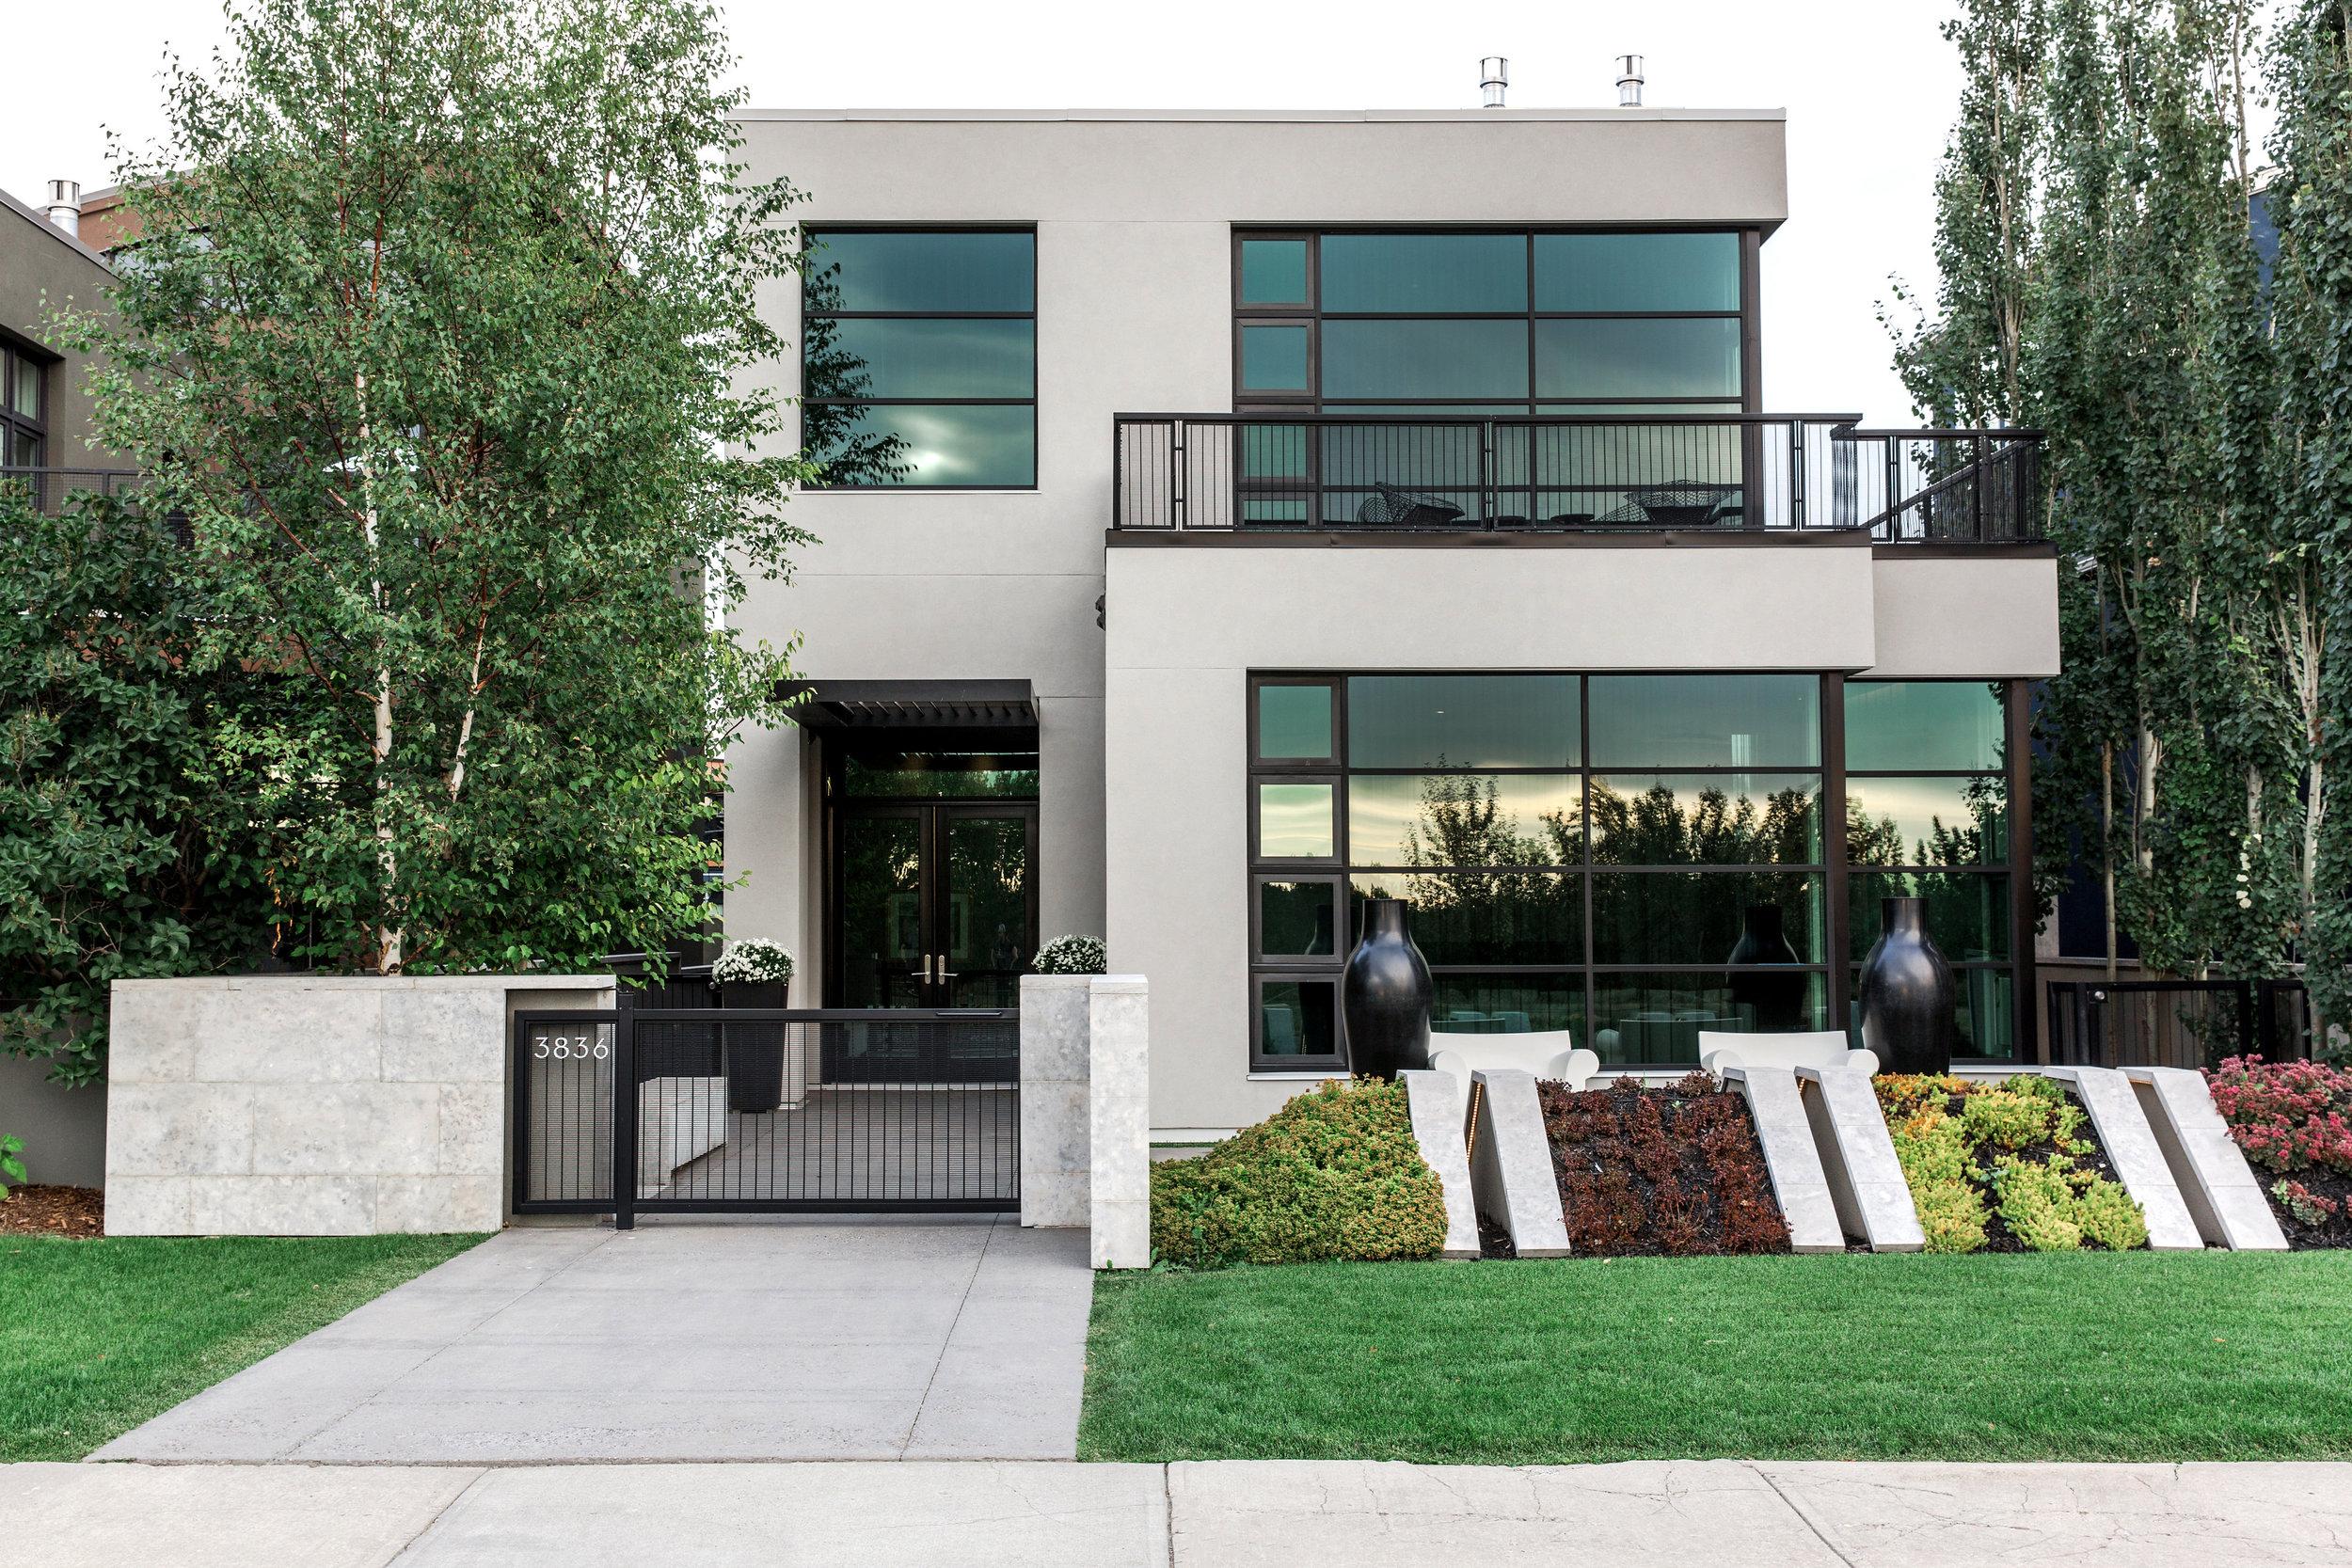 McKinley Burkart_Parkhill Residence (7).jpg